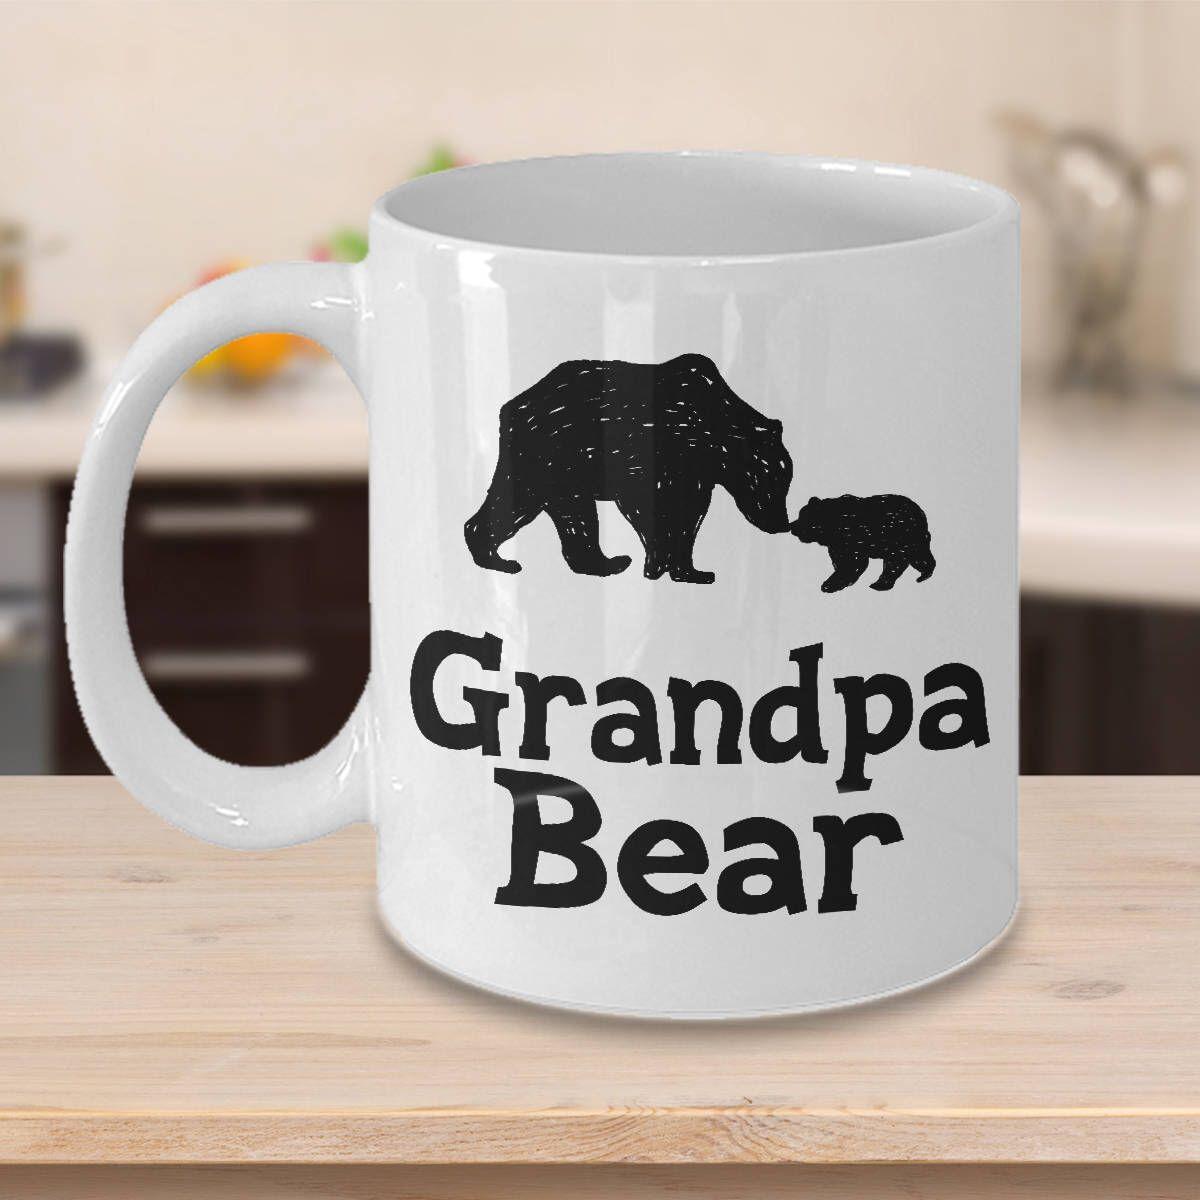 Grandpa bear mug gift for grandfather 11 oz or 15 oz